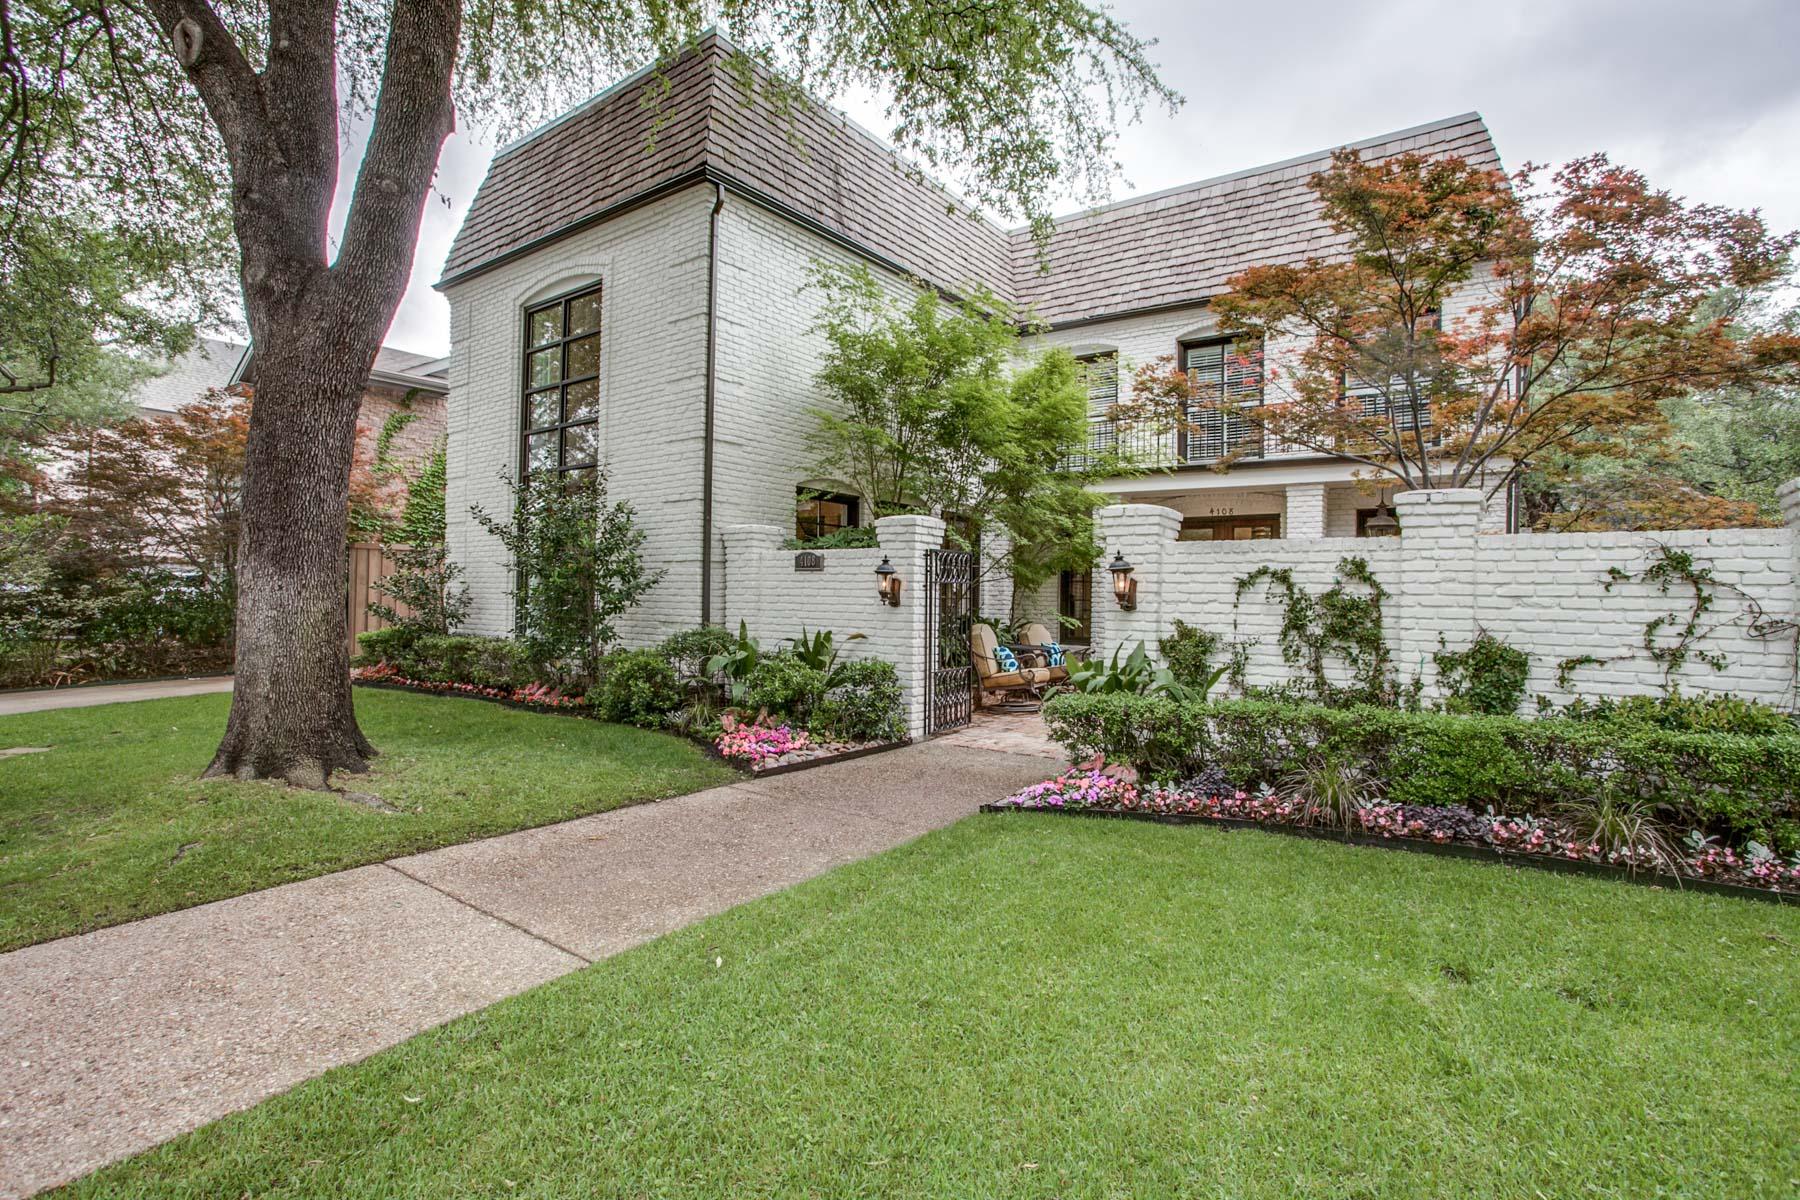 独户住宅 为 销售 在 Custom University Park 4108 Stanhope St 达拉斯, 得克萨斯州, 75205 美国